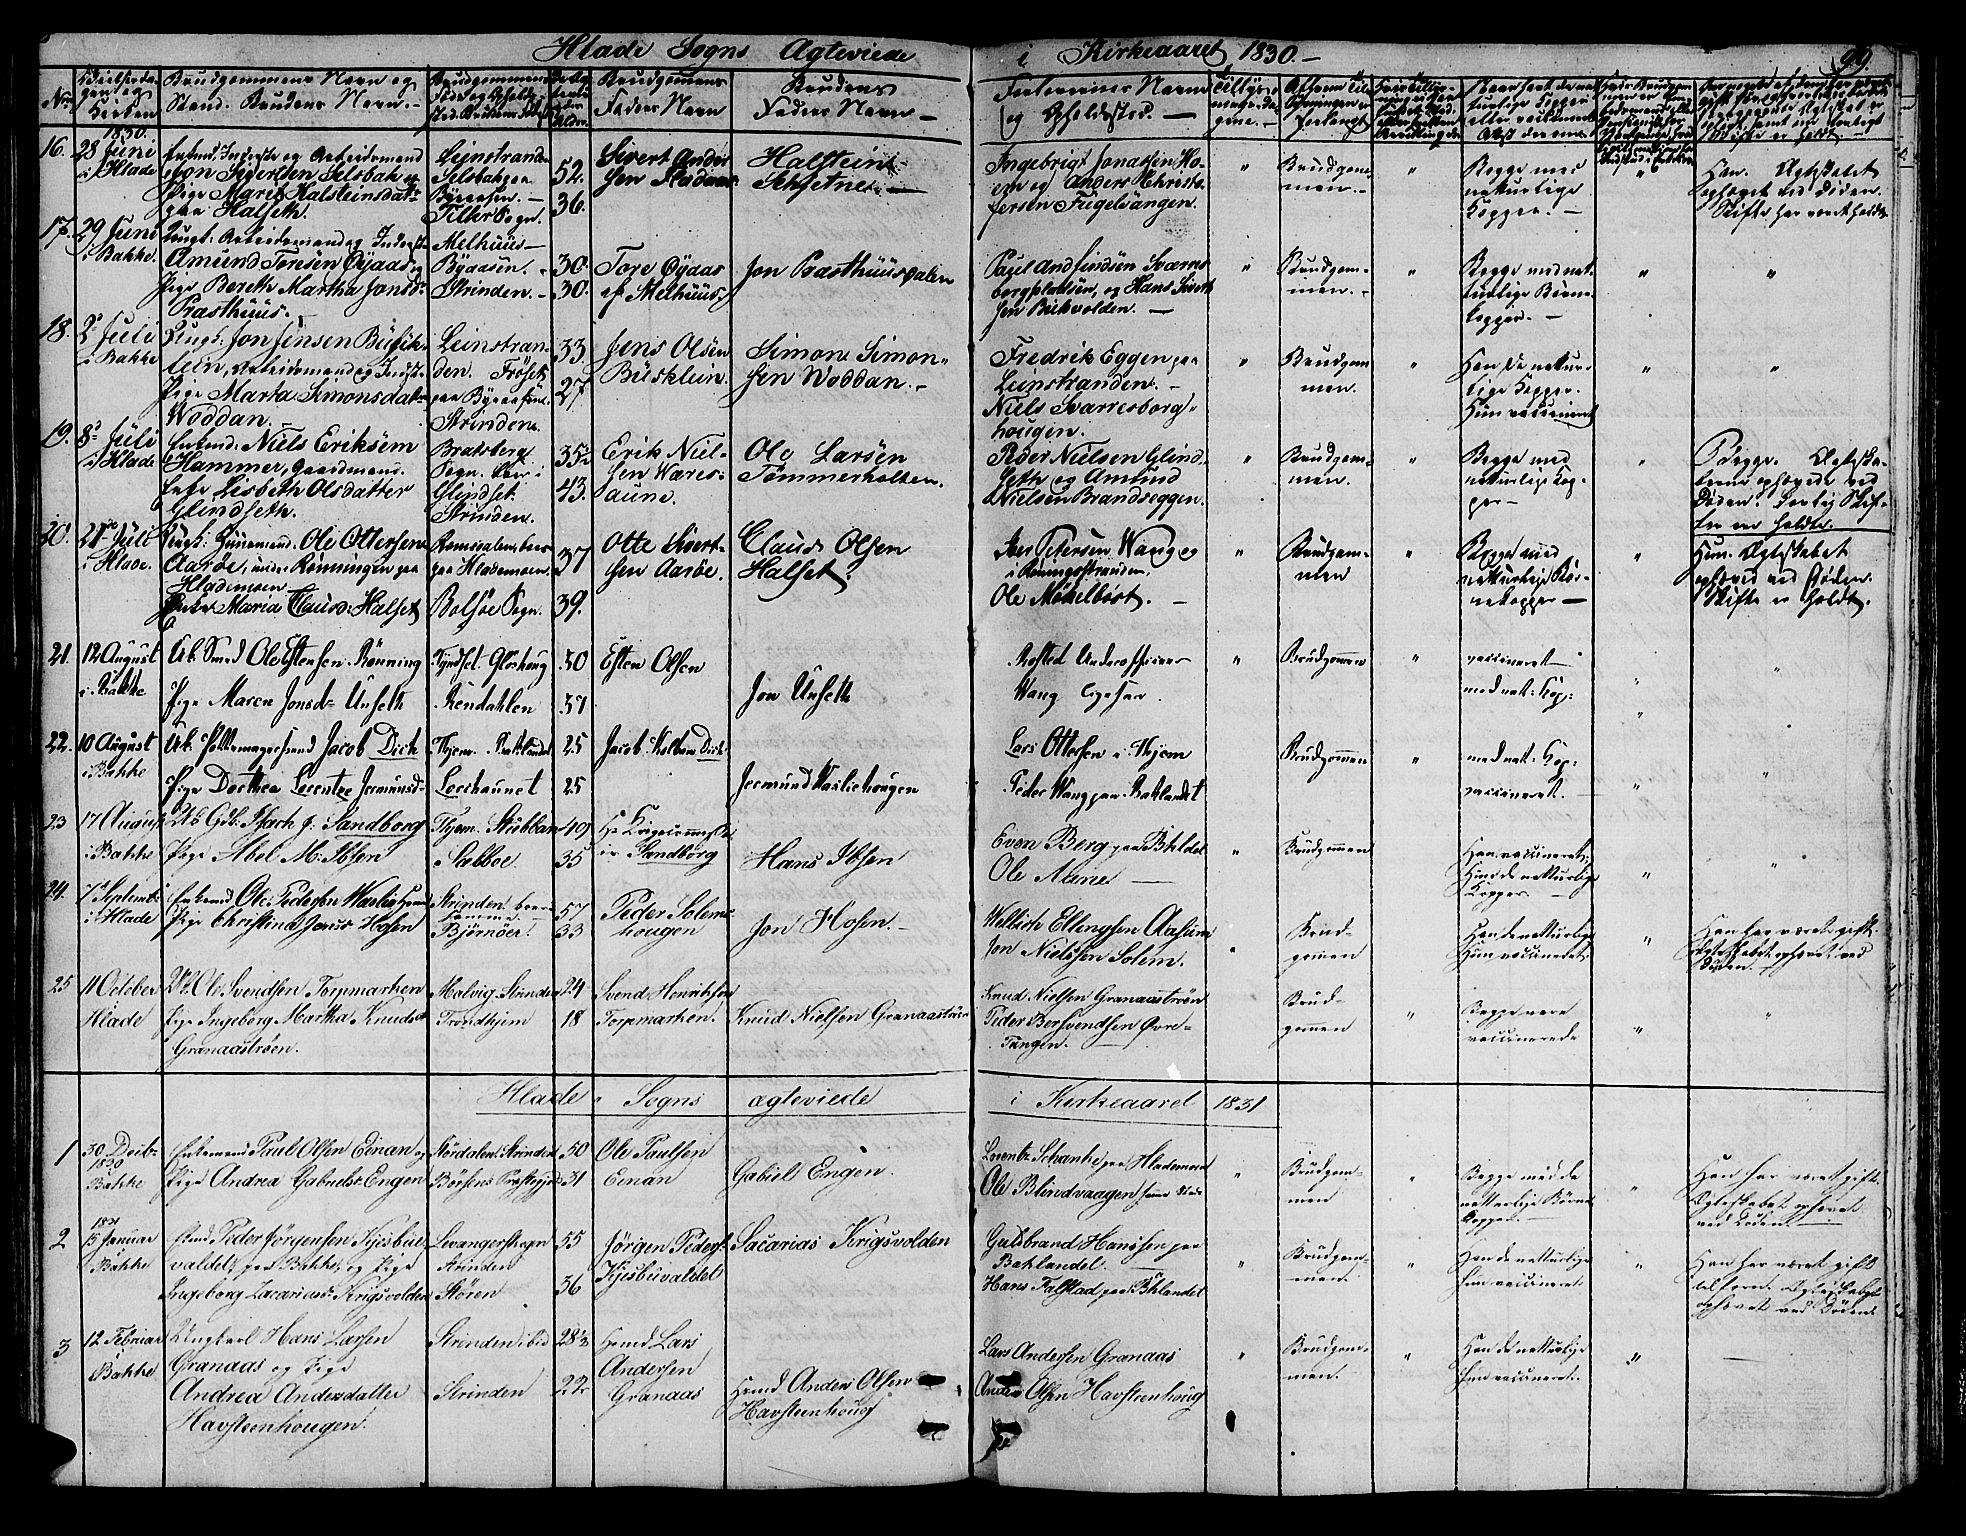 SAT, Ministerialprotokoller, klokkerbøker og fødselsregistre - Sør-Trøndelag, 606/L0308: Klokkerbok nr. 606C04, 1829-1840, s. 99